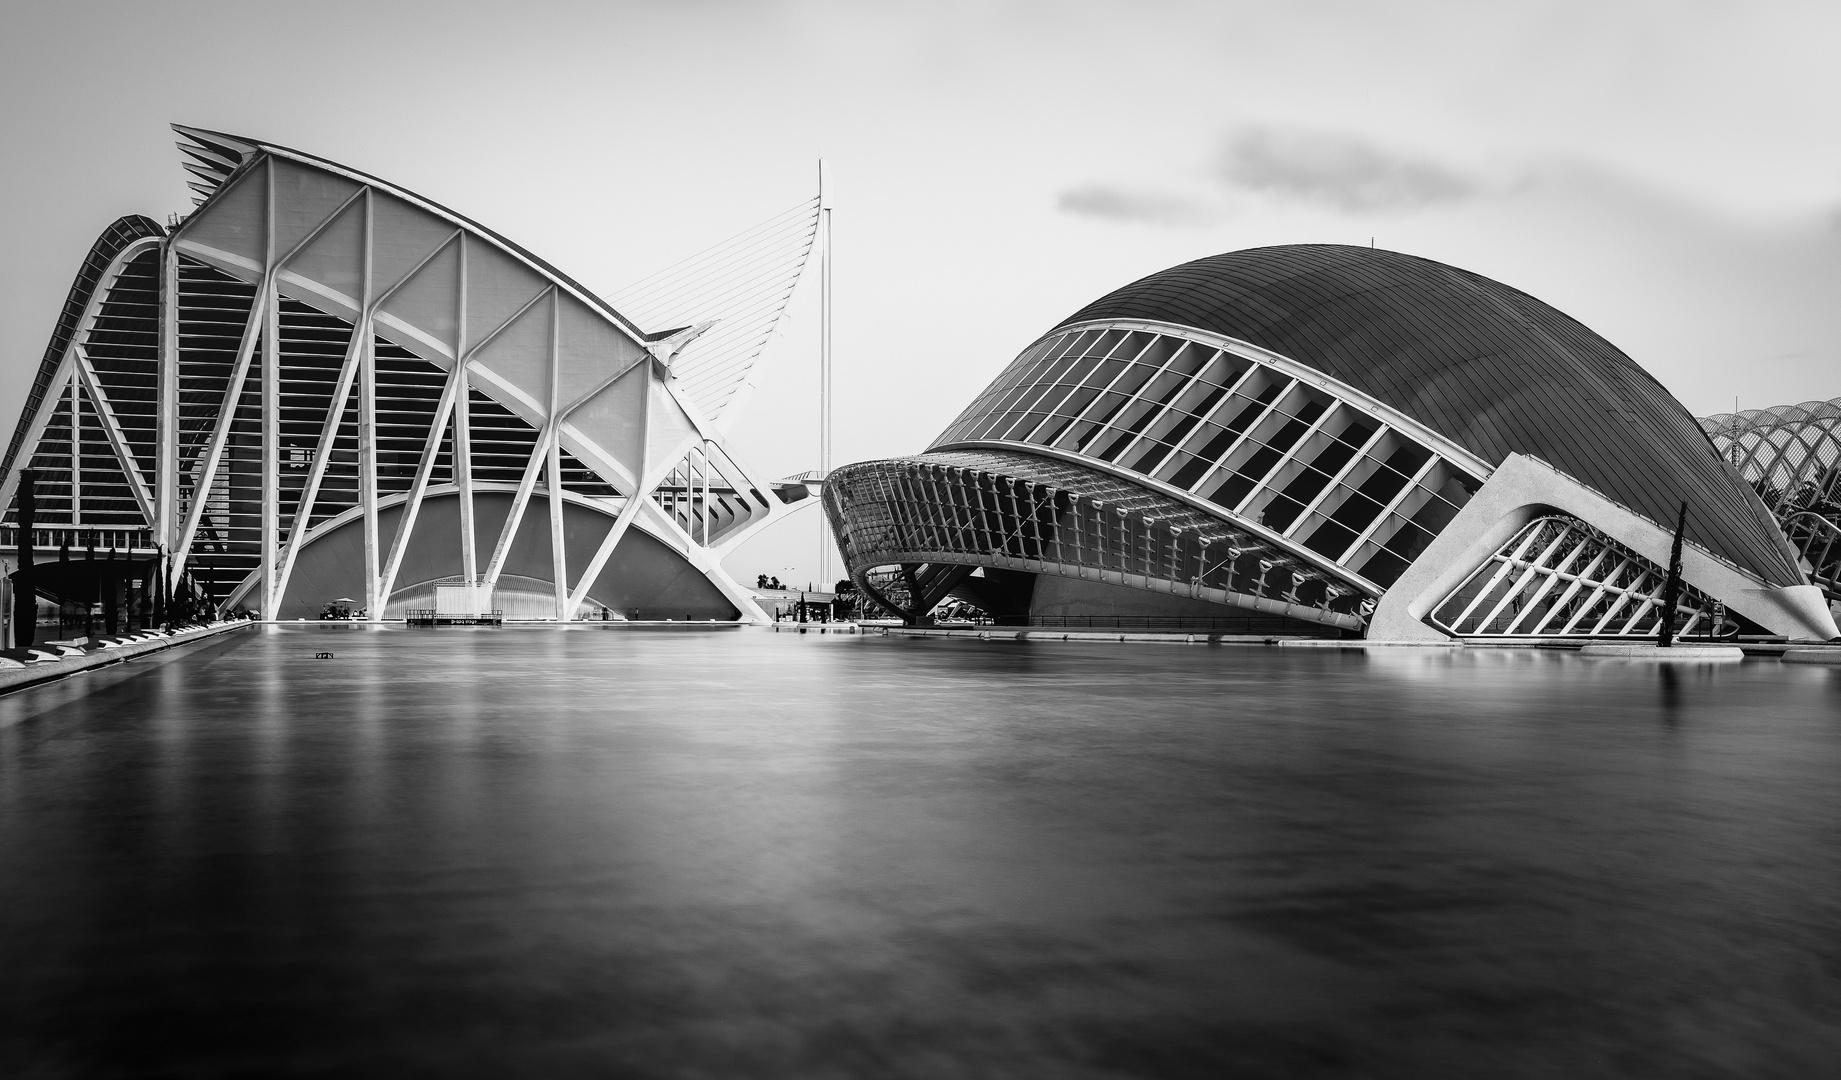 2.Valencia